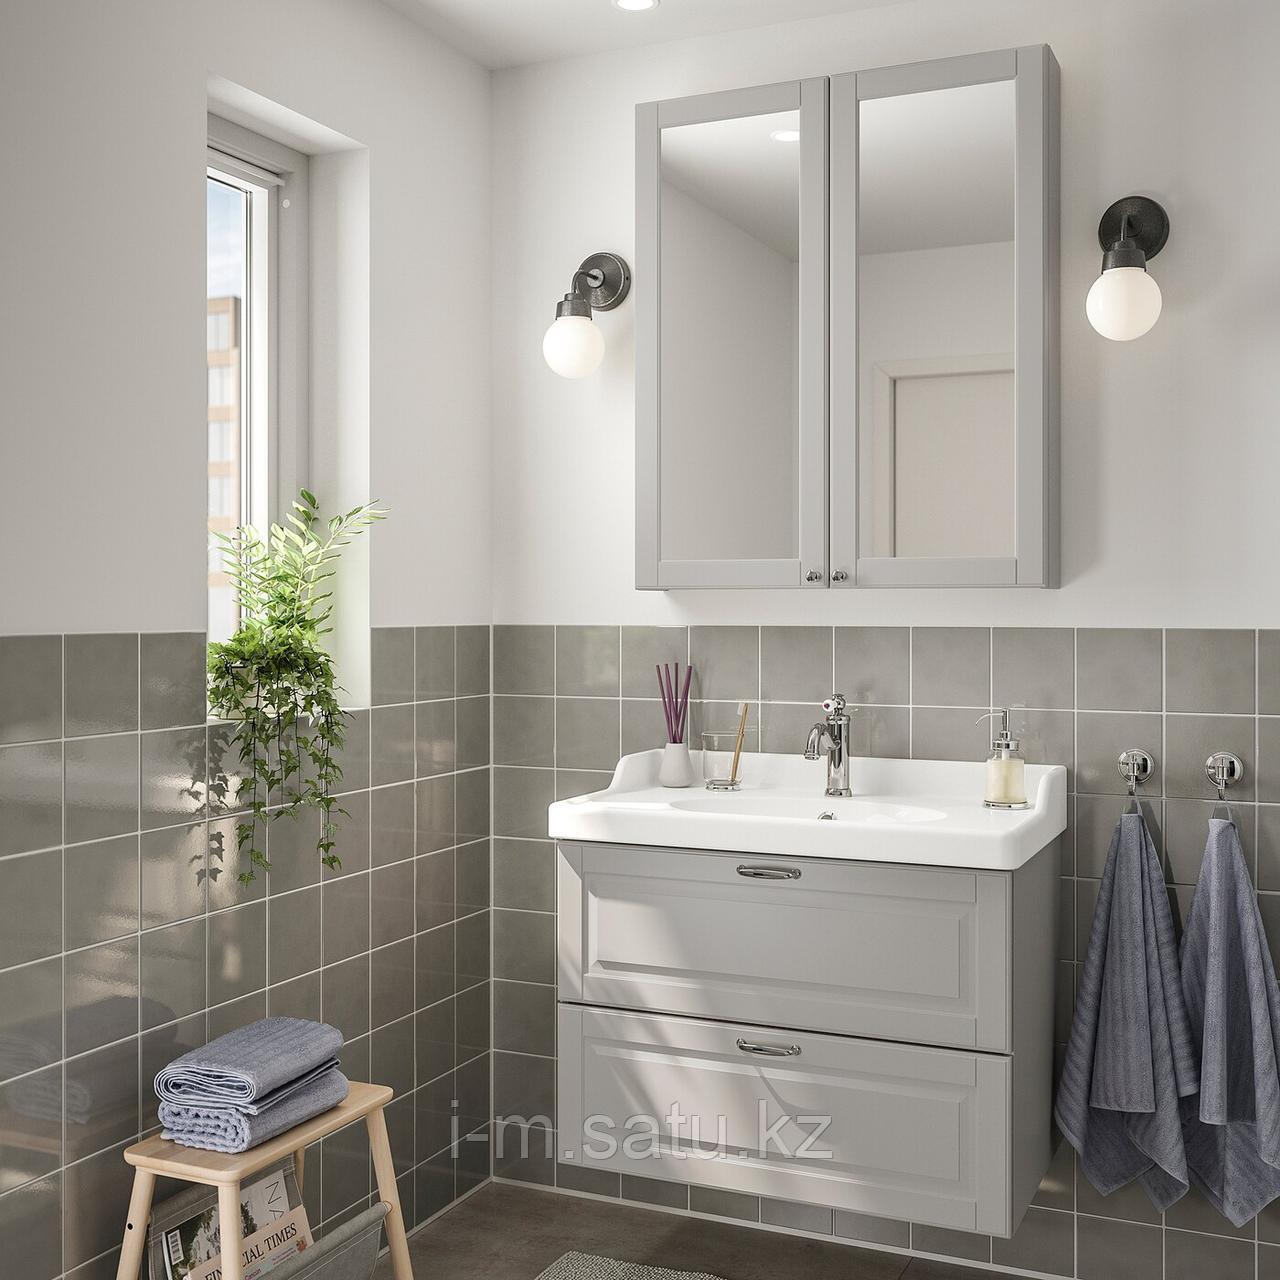 ГОДМОРГОН / РЭТТВИКЕН Комплект мебели для ванной,4 предм., Кашён светло-серый, ХАМНШЕР смеситель, серый